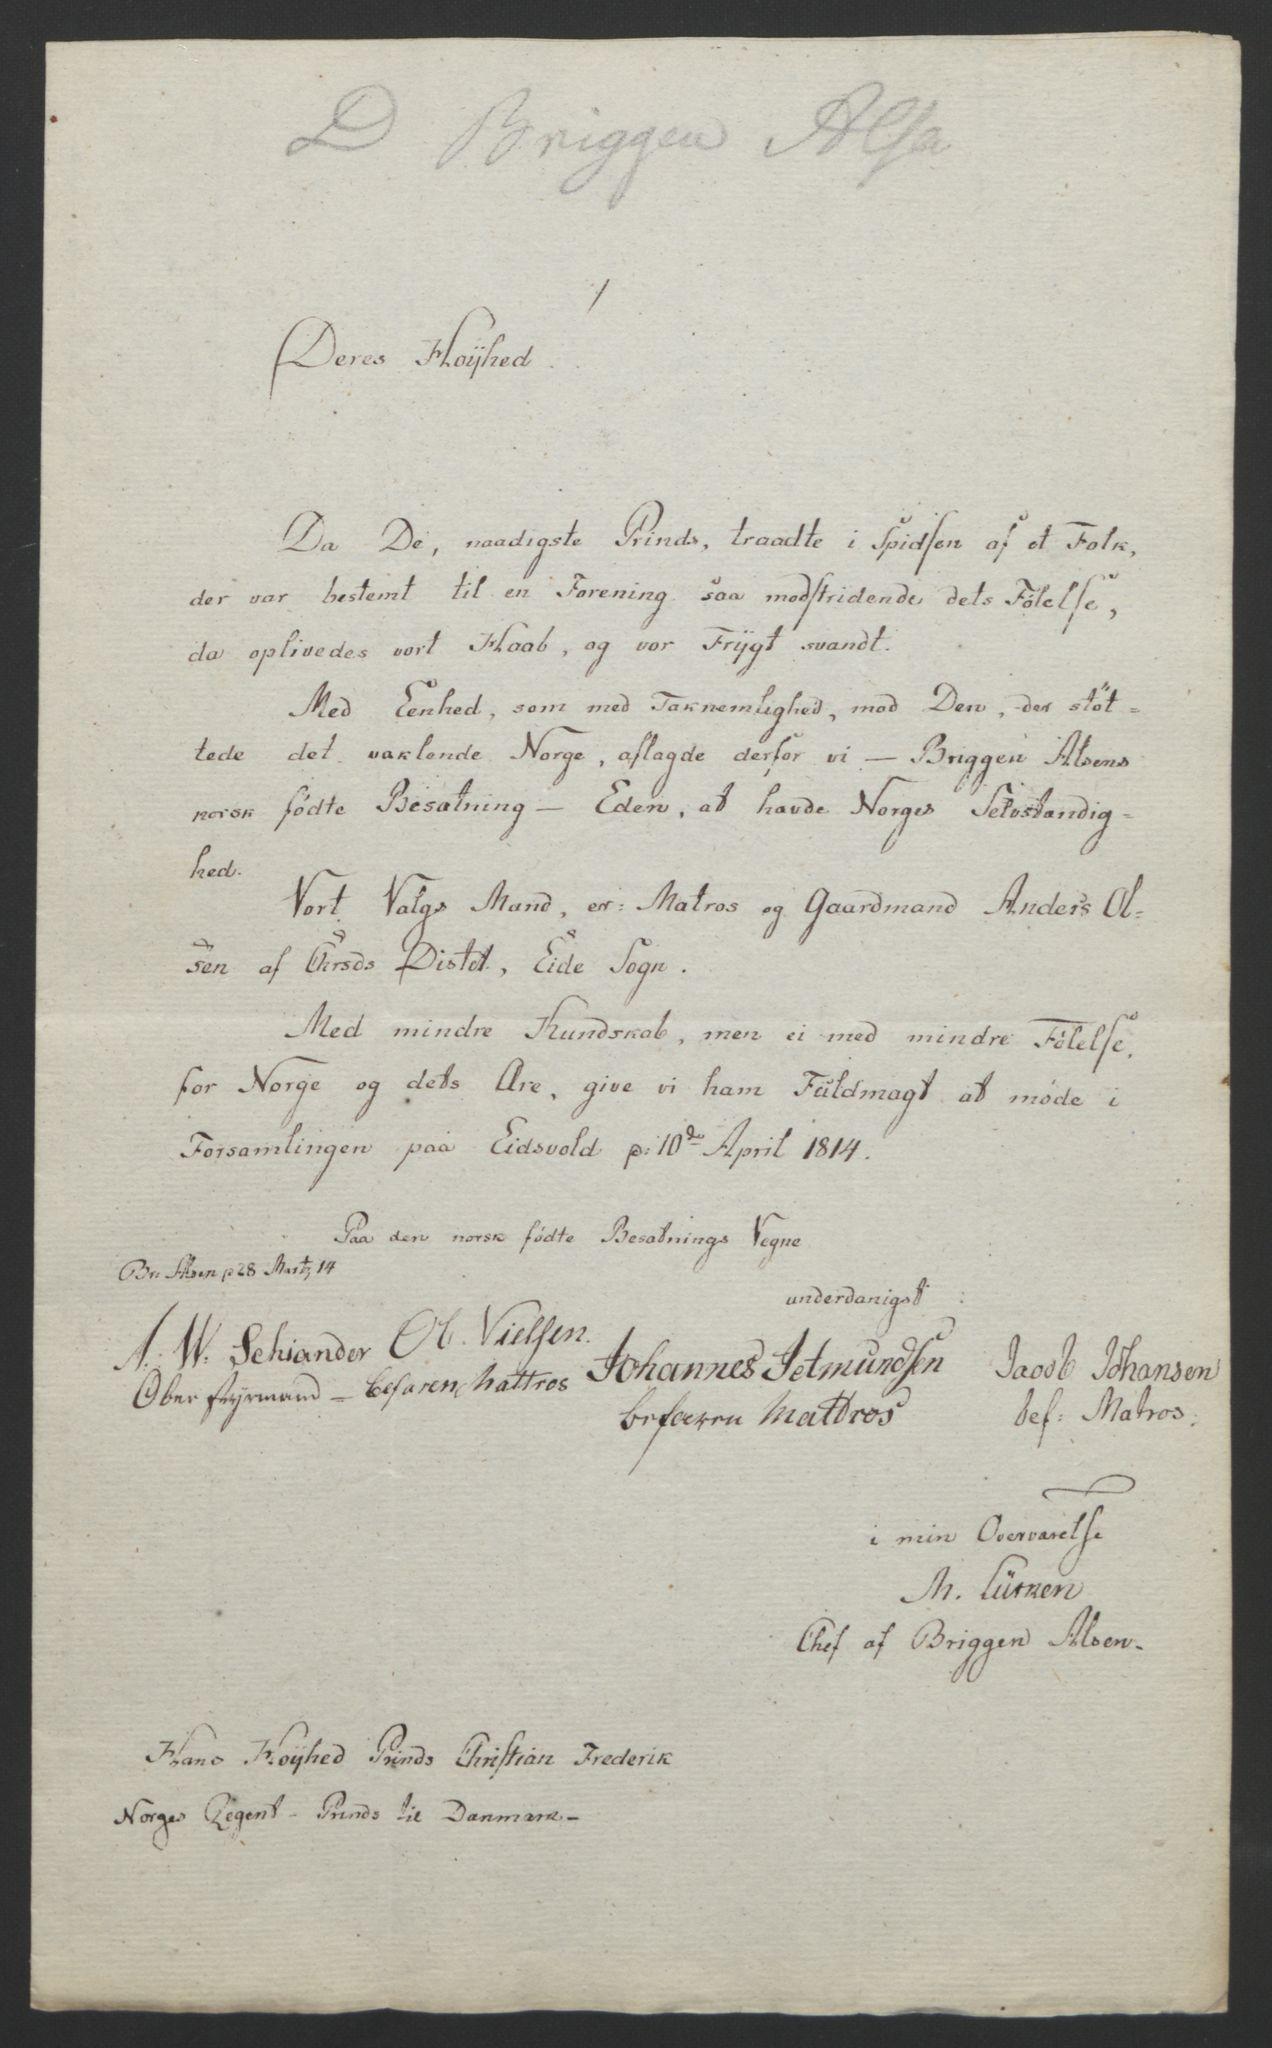 RA, Statsrådssekretariatet, D/Db/L0007: Fullmakter for Eidsvollsrepresentantene i 1814. , 1814, s. 132